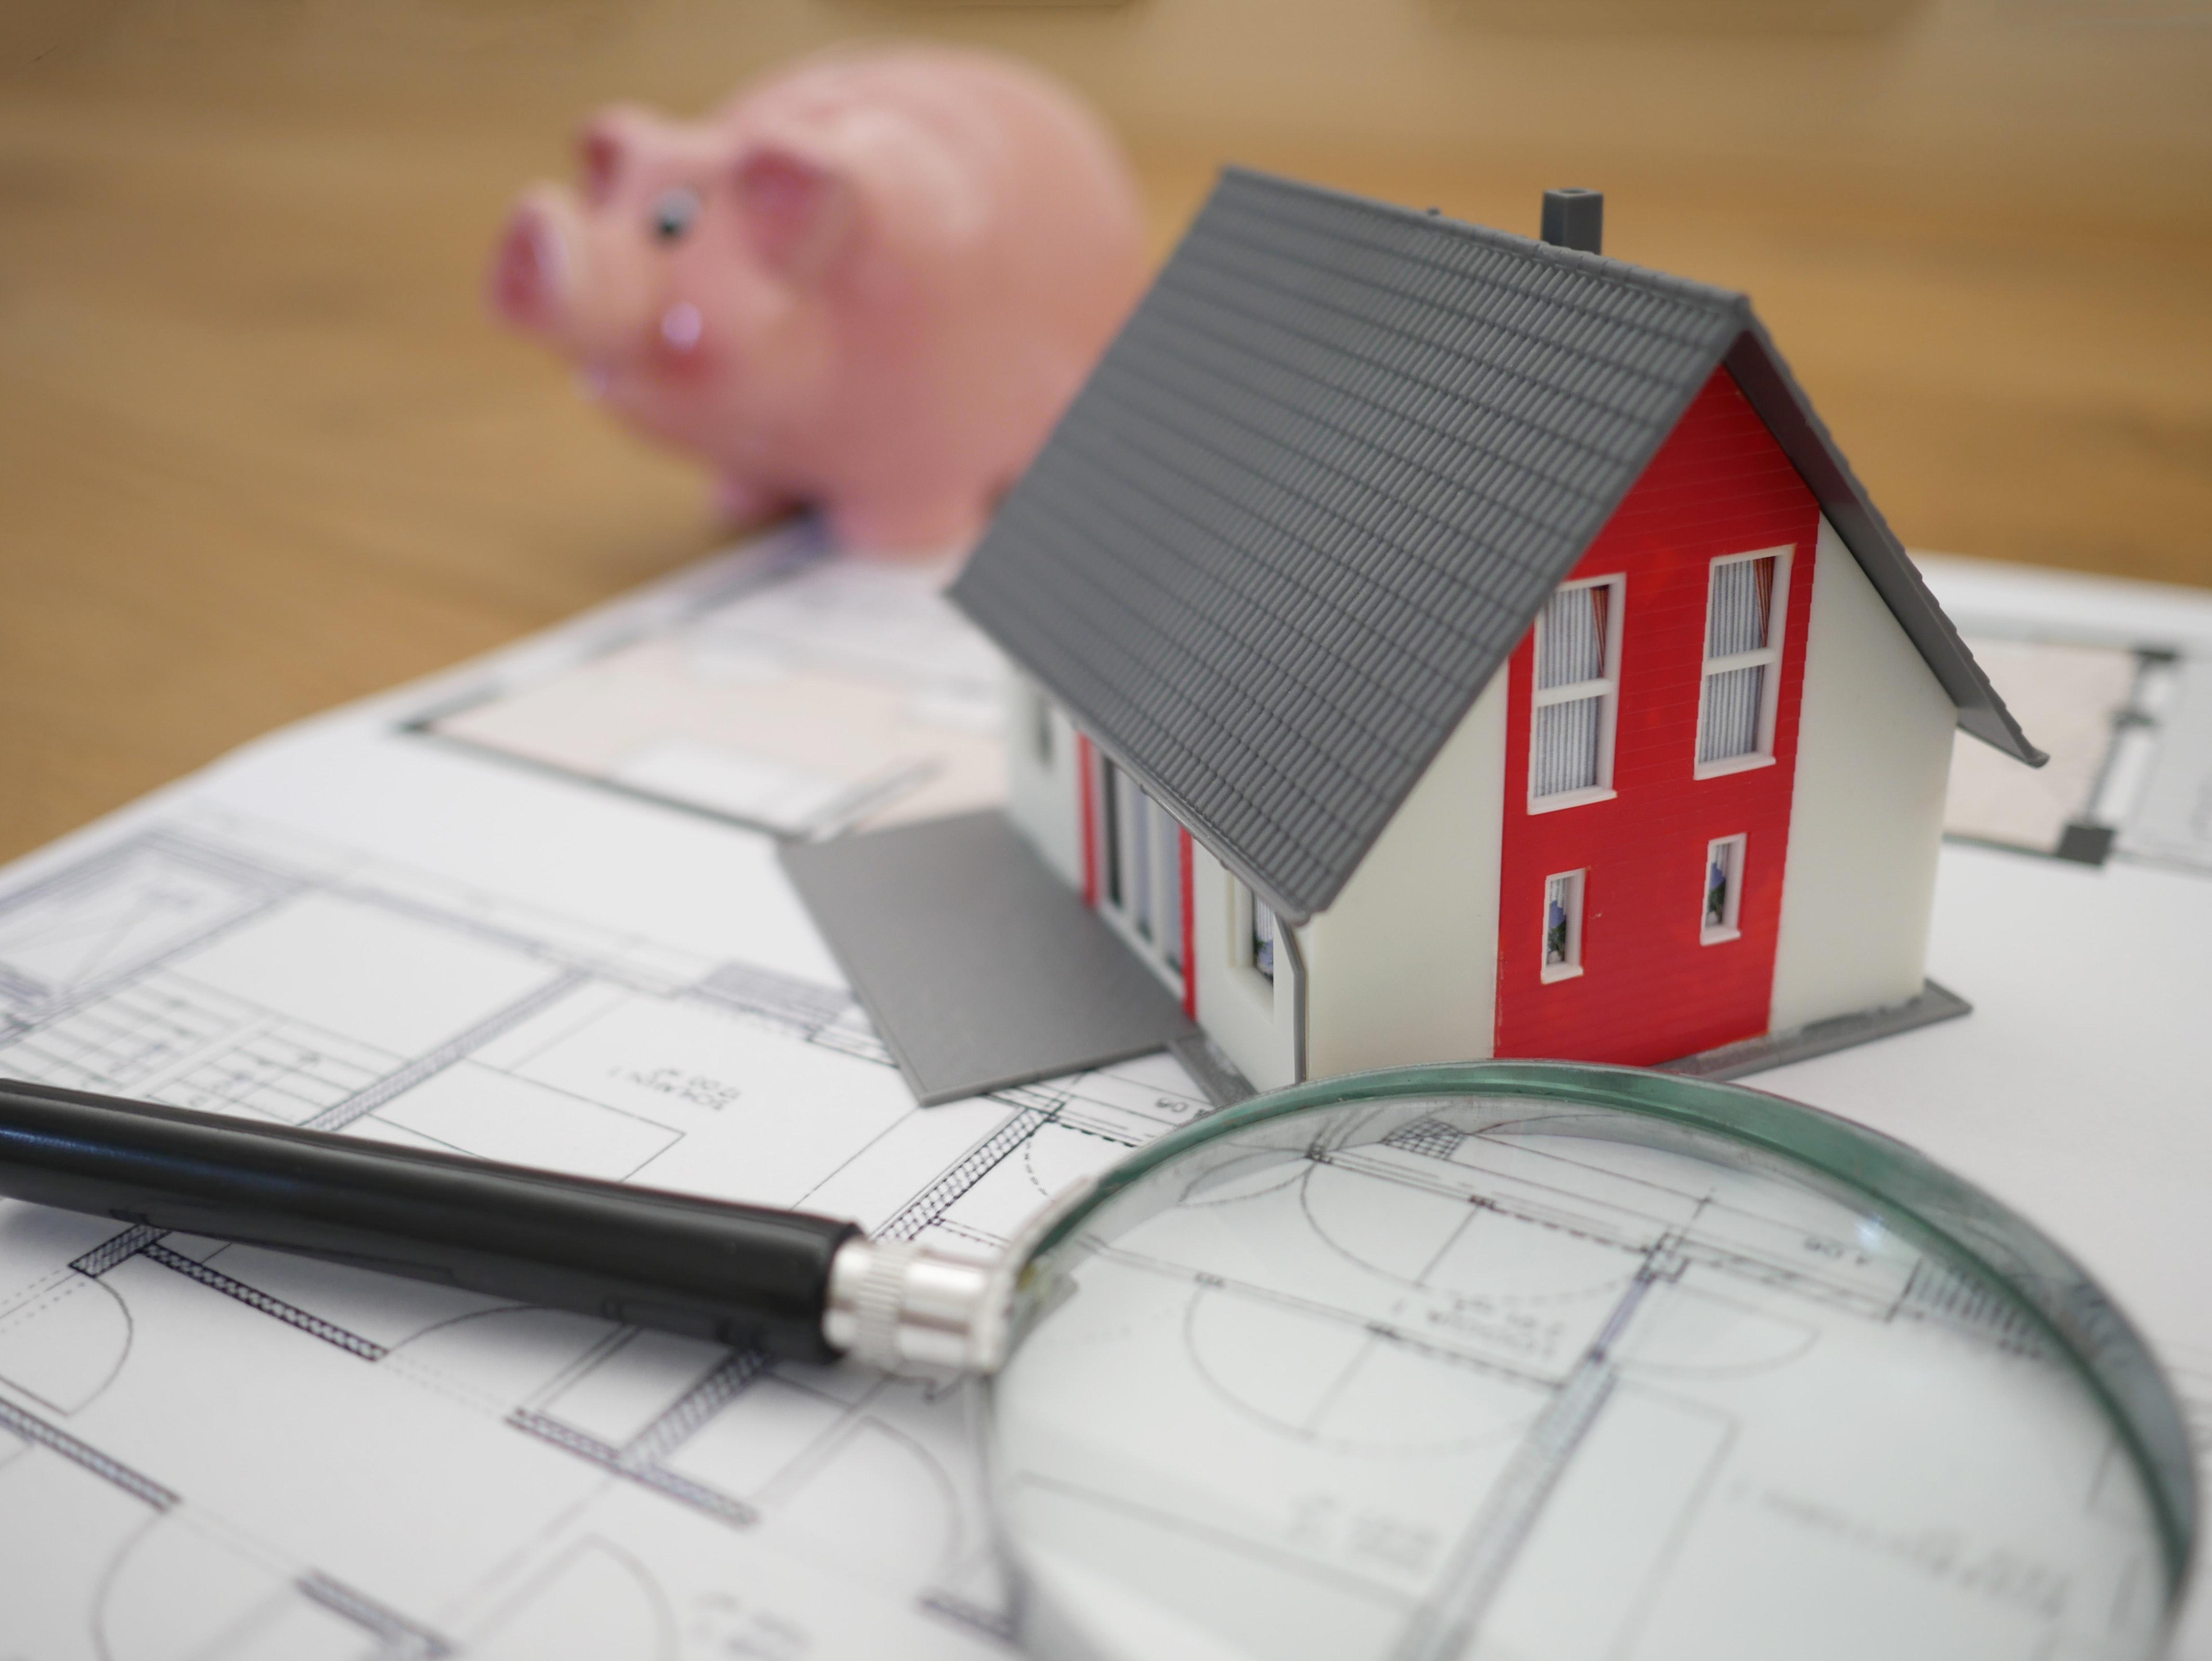 Saiba como melhorar a taxa de esforço para conseguir um crédito à habitação